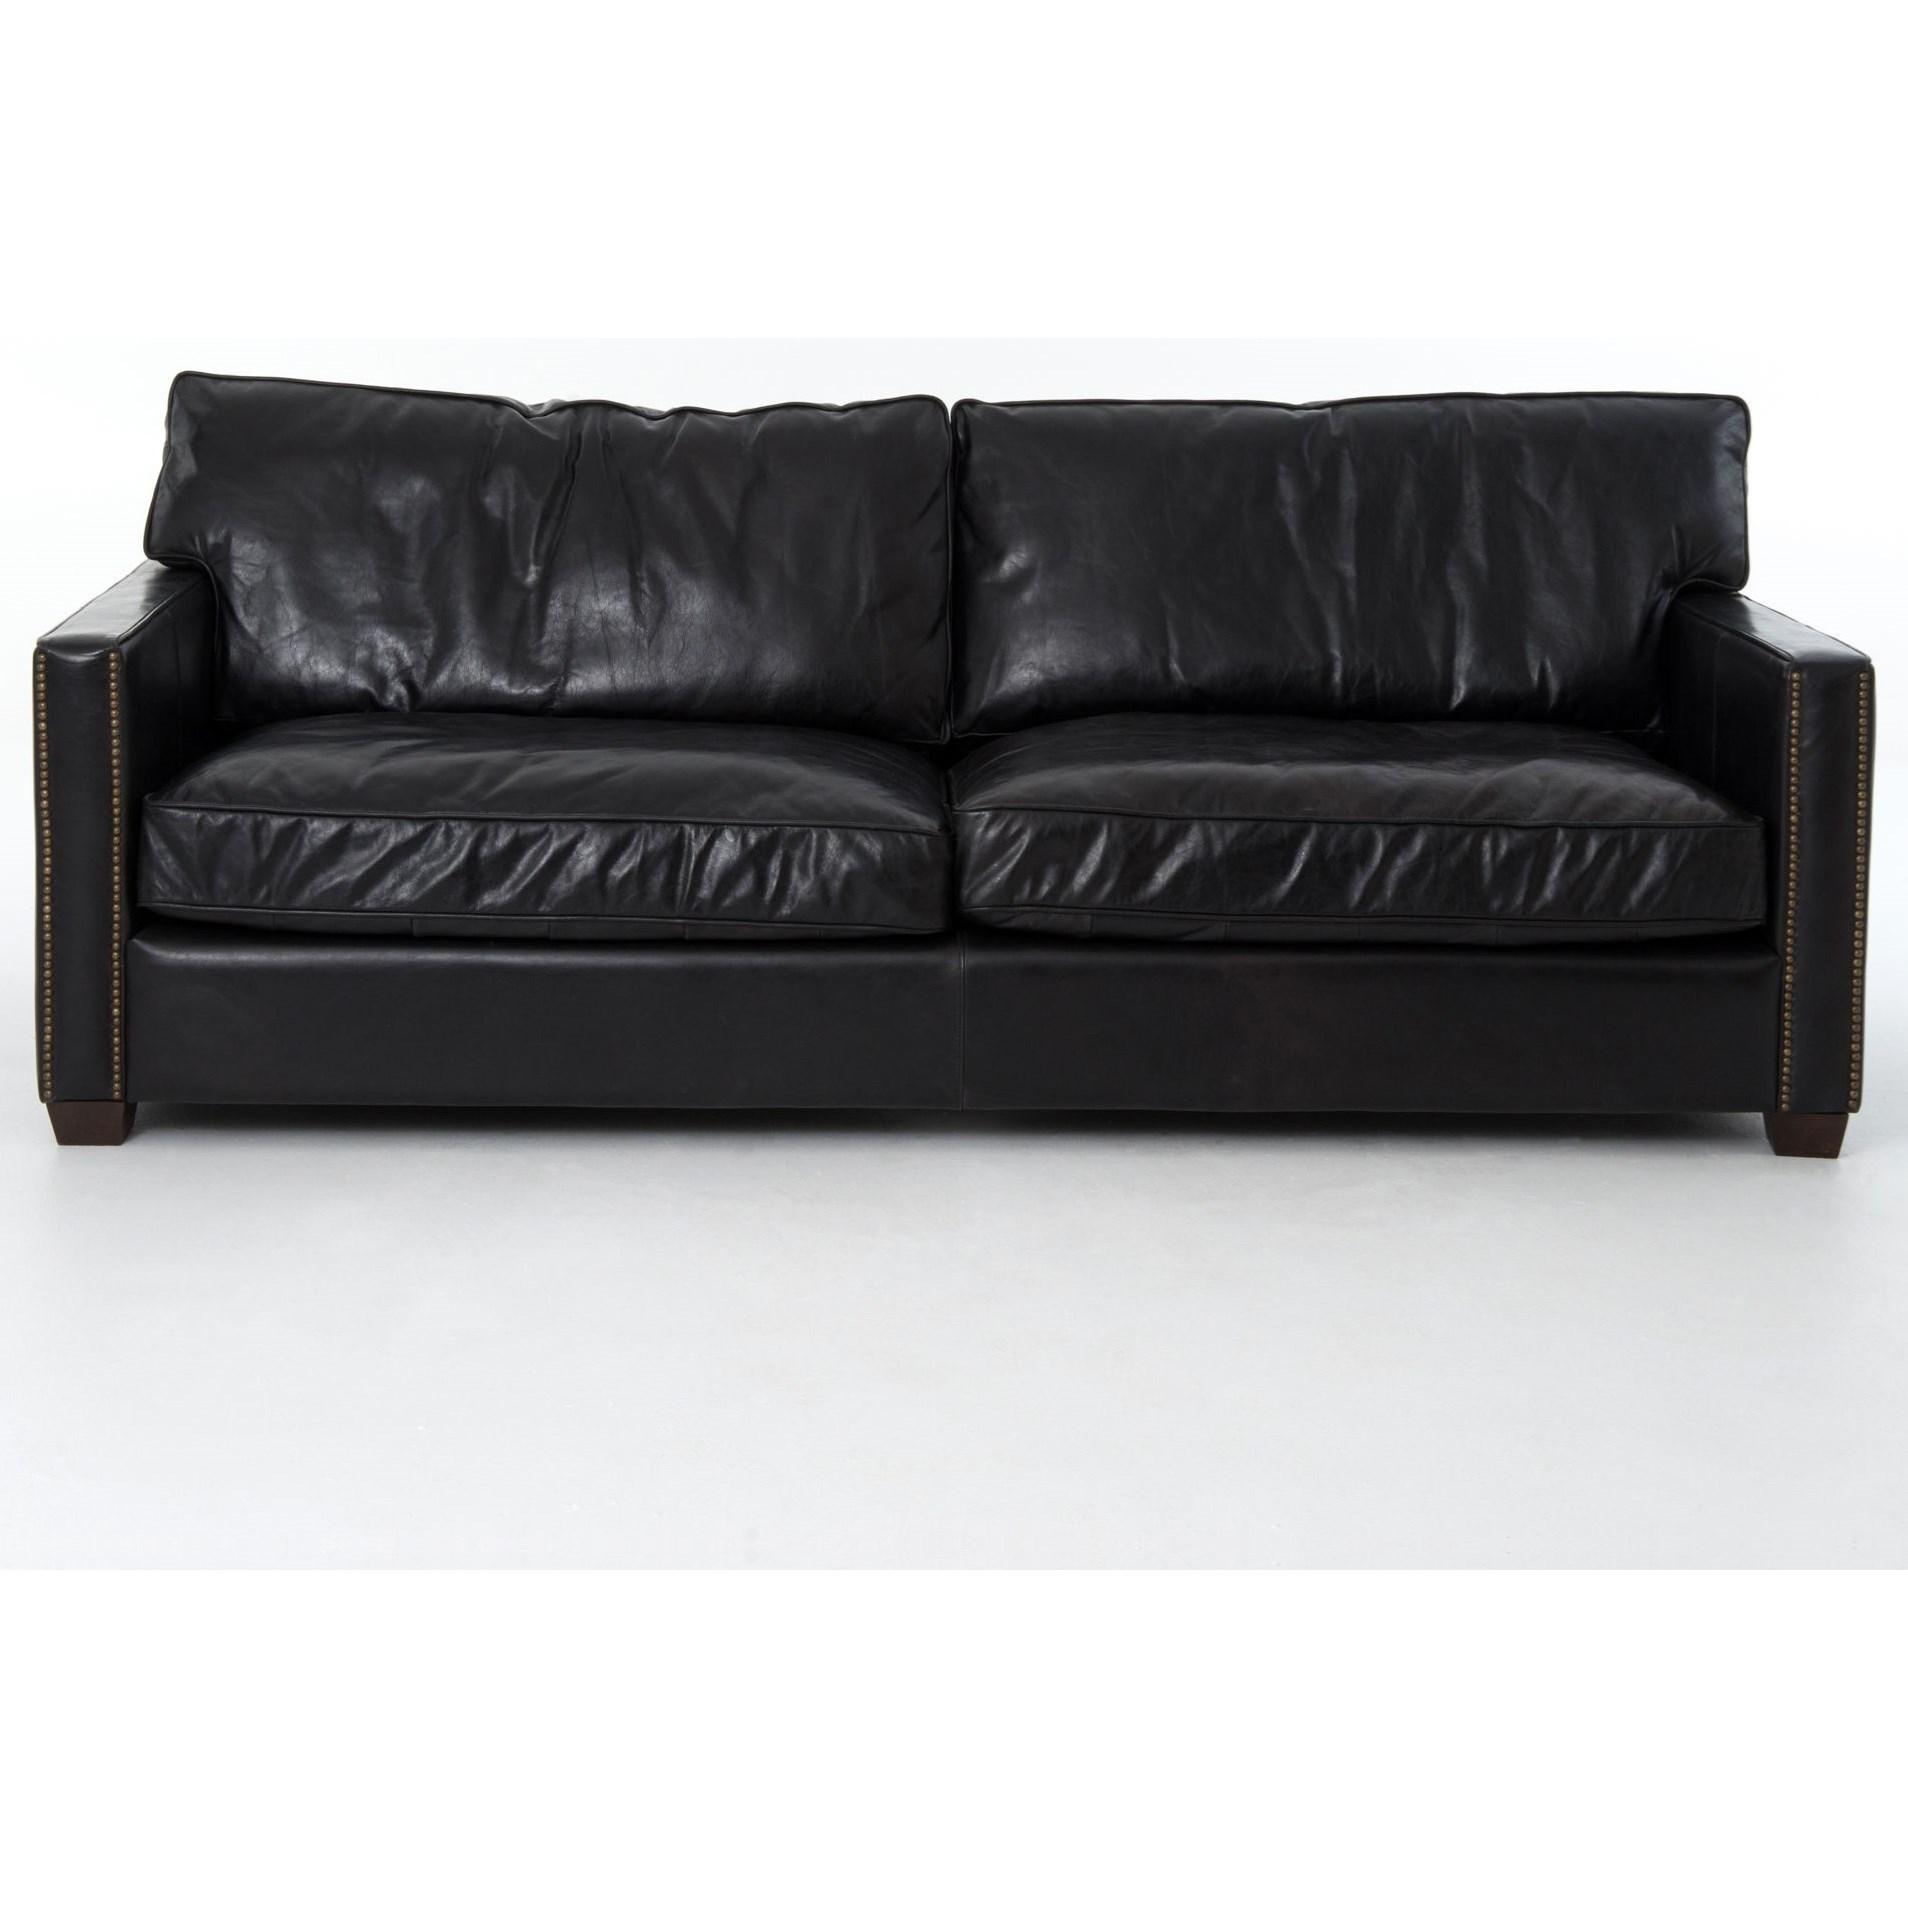 Four Hands Carnegie Larkin 88 Sofa With Old Saddle Black Leather Belfort Furniture Sofa